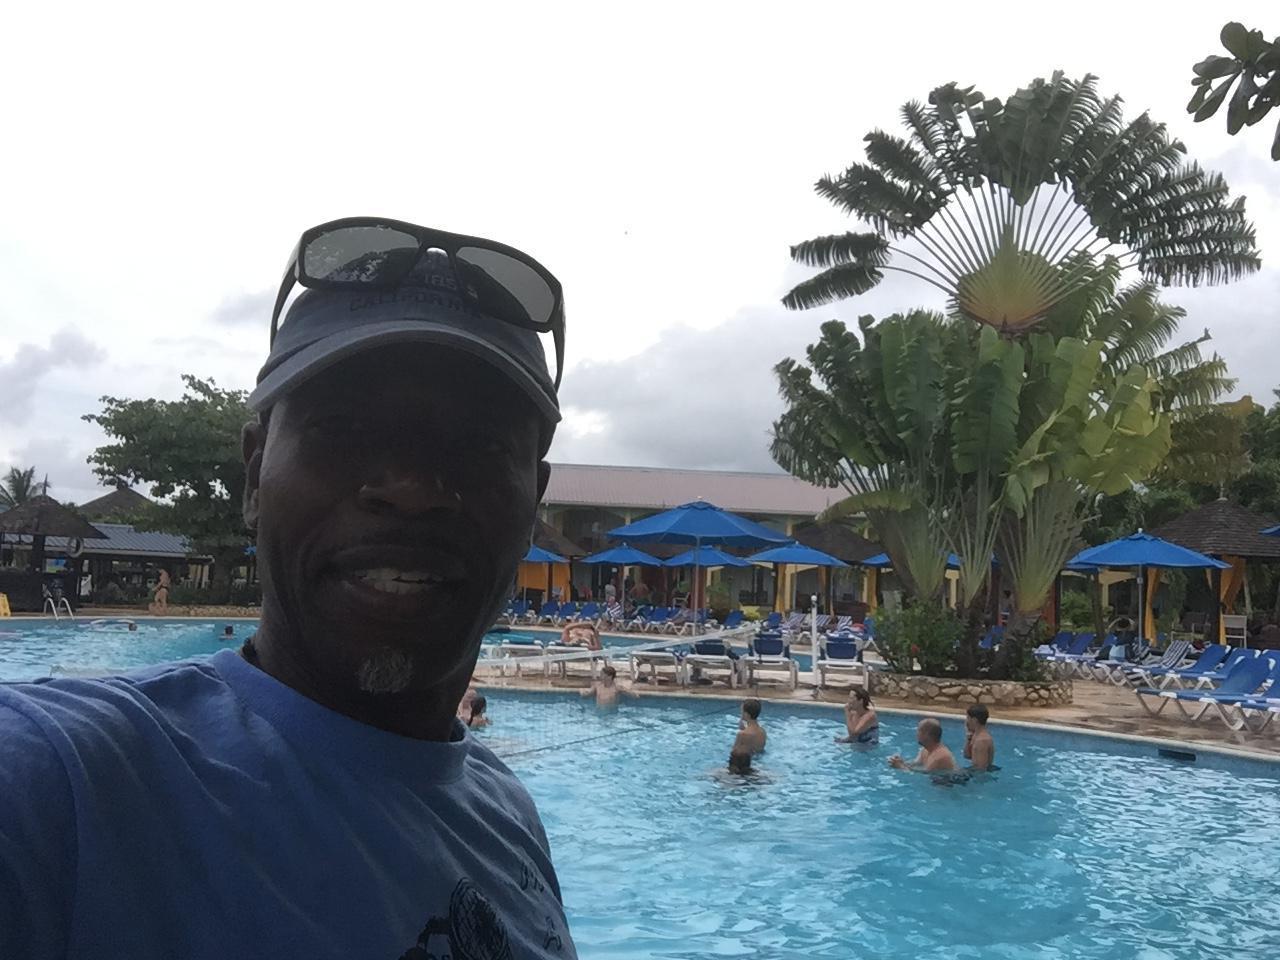 Enjoying time at Resort